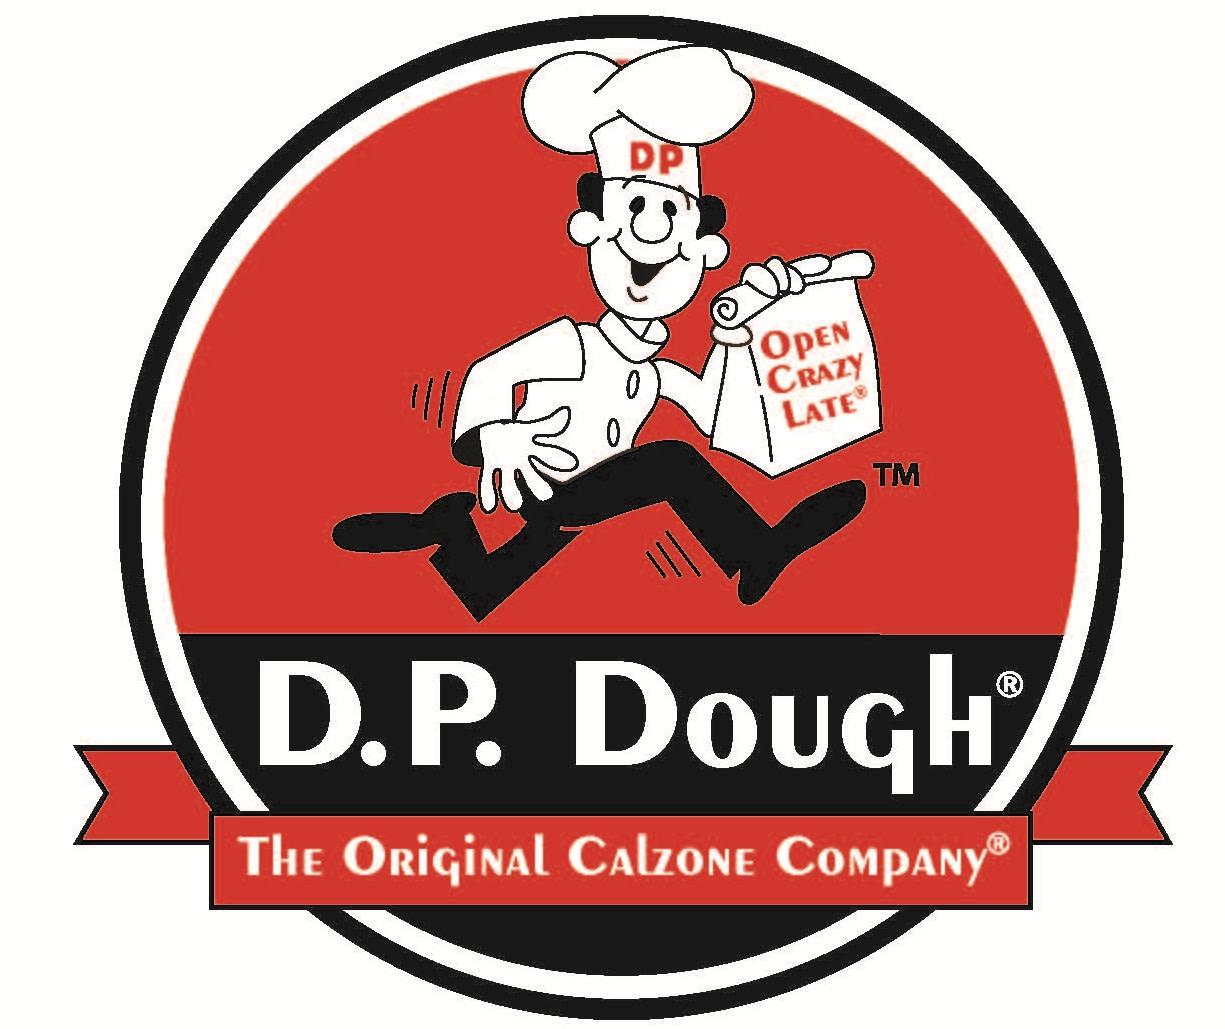 DP Dough Logo at D.P. Dough